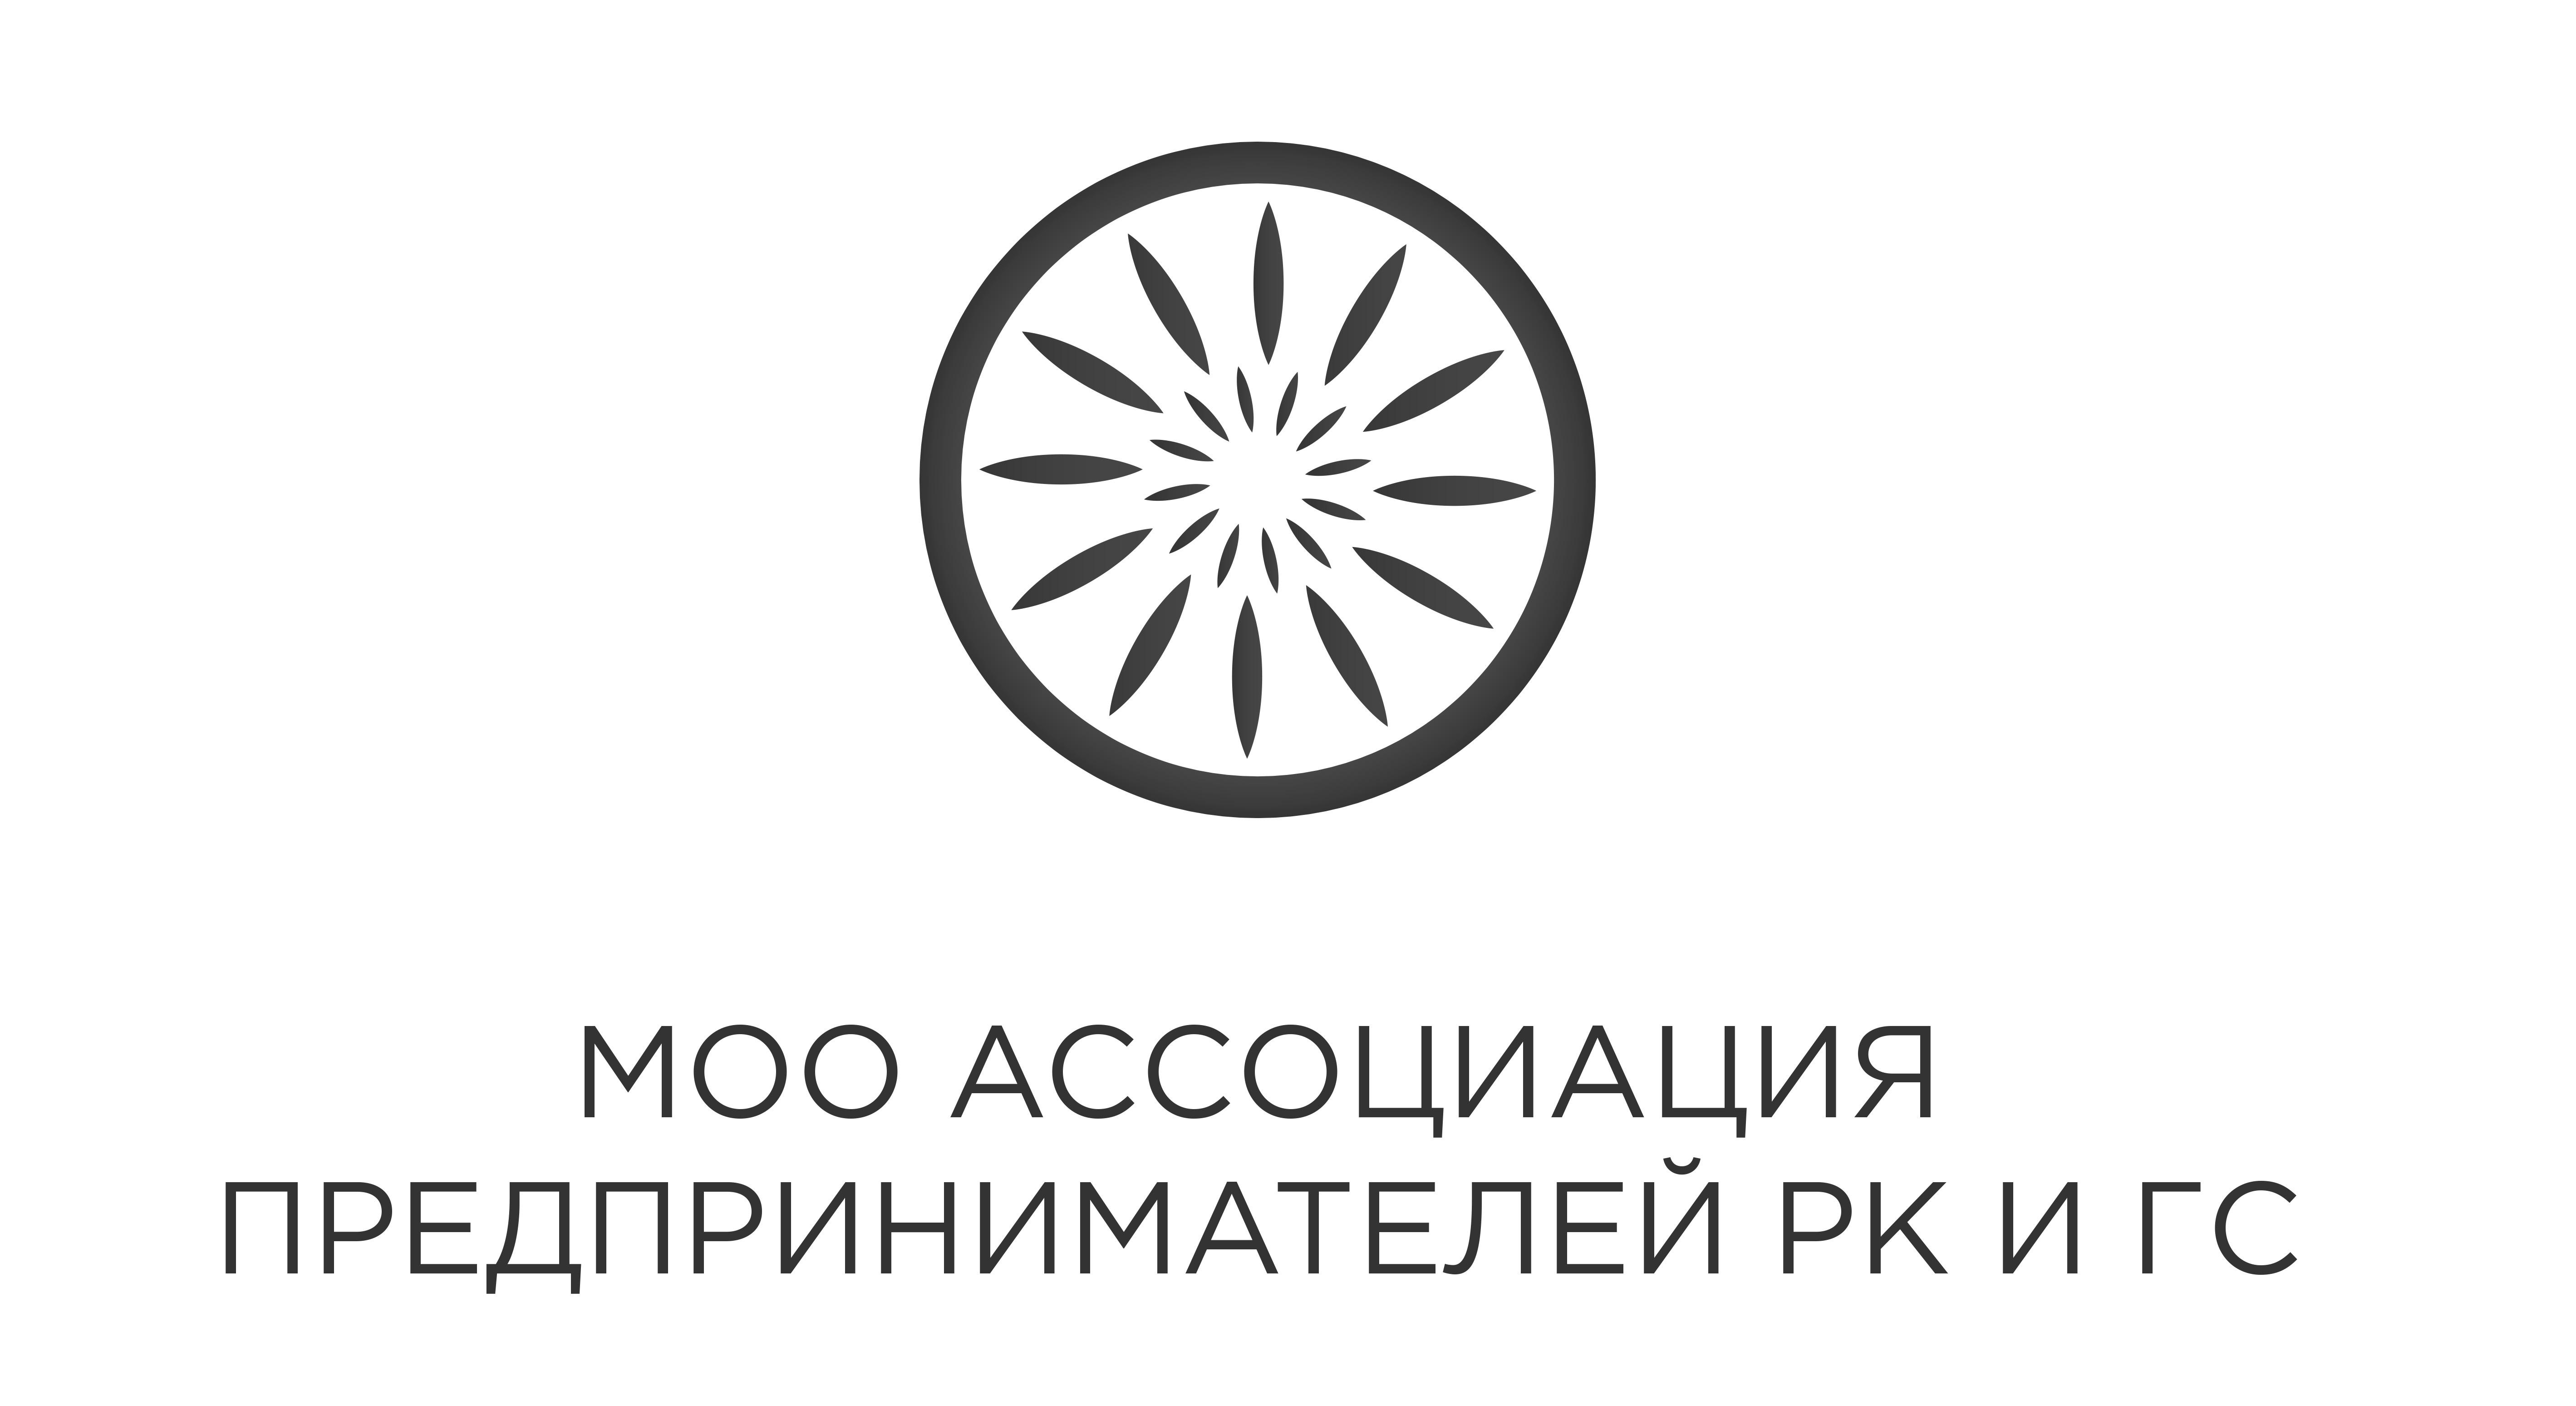 LOGOЧБ 2 - Точки Успеха. Армянск